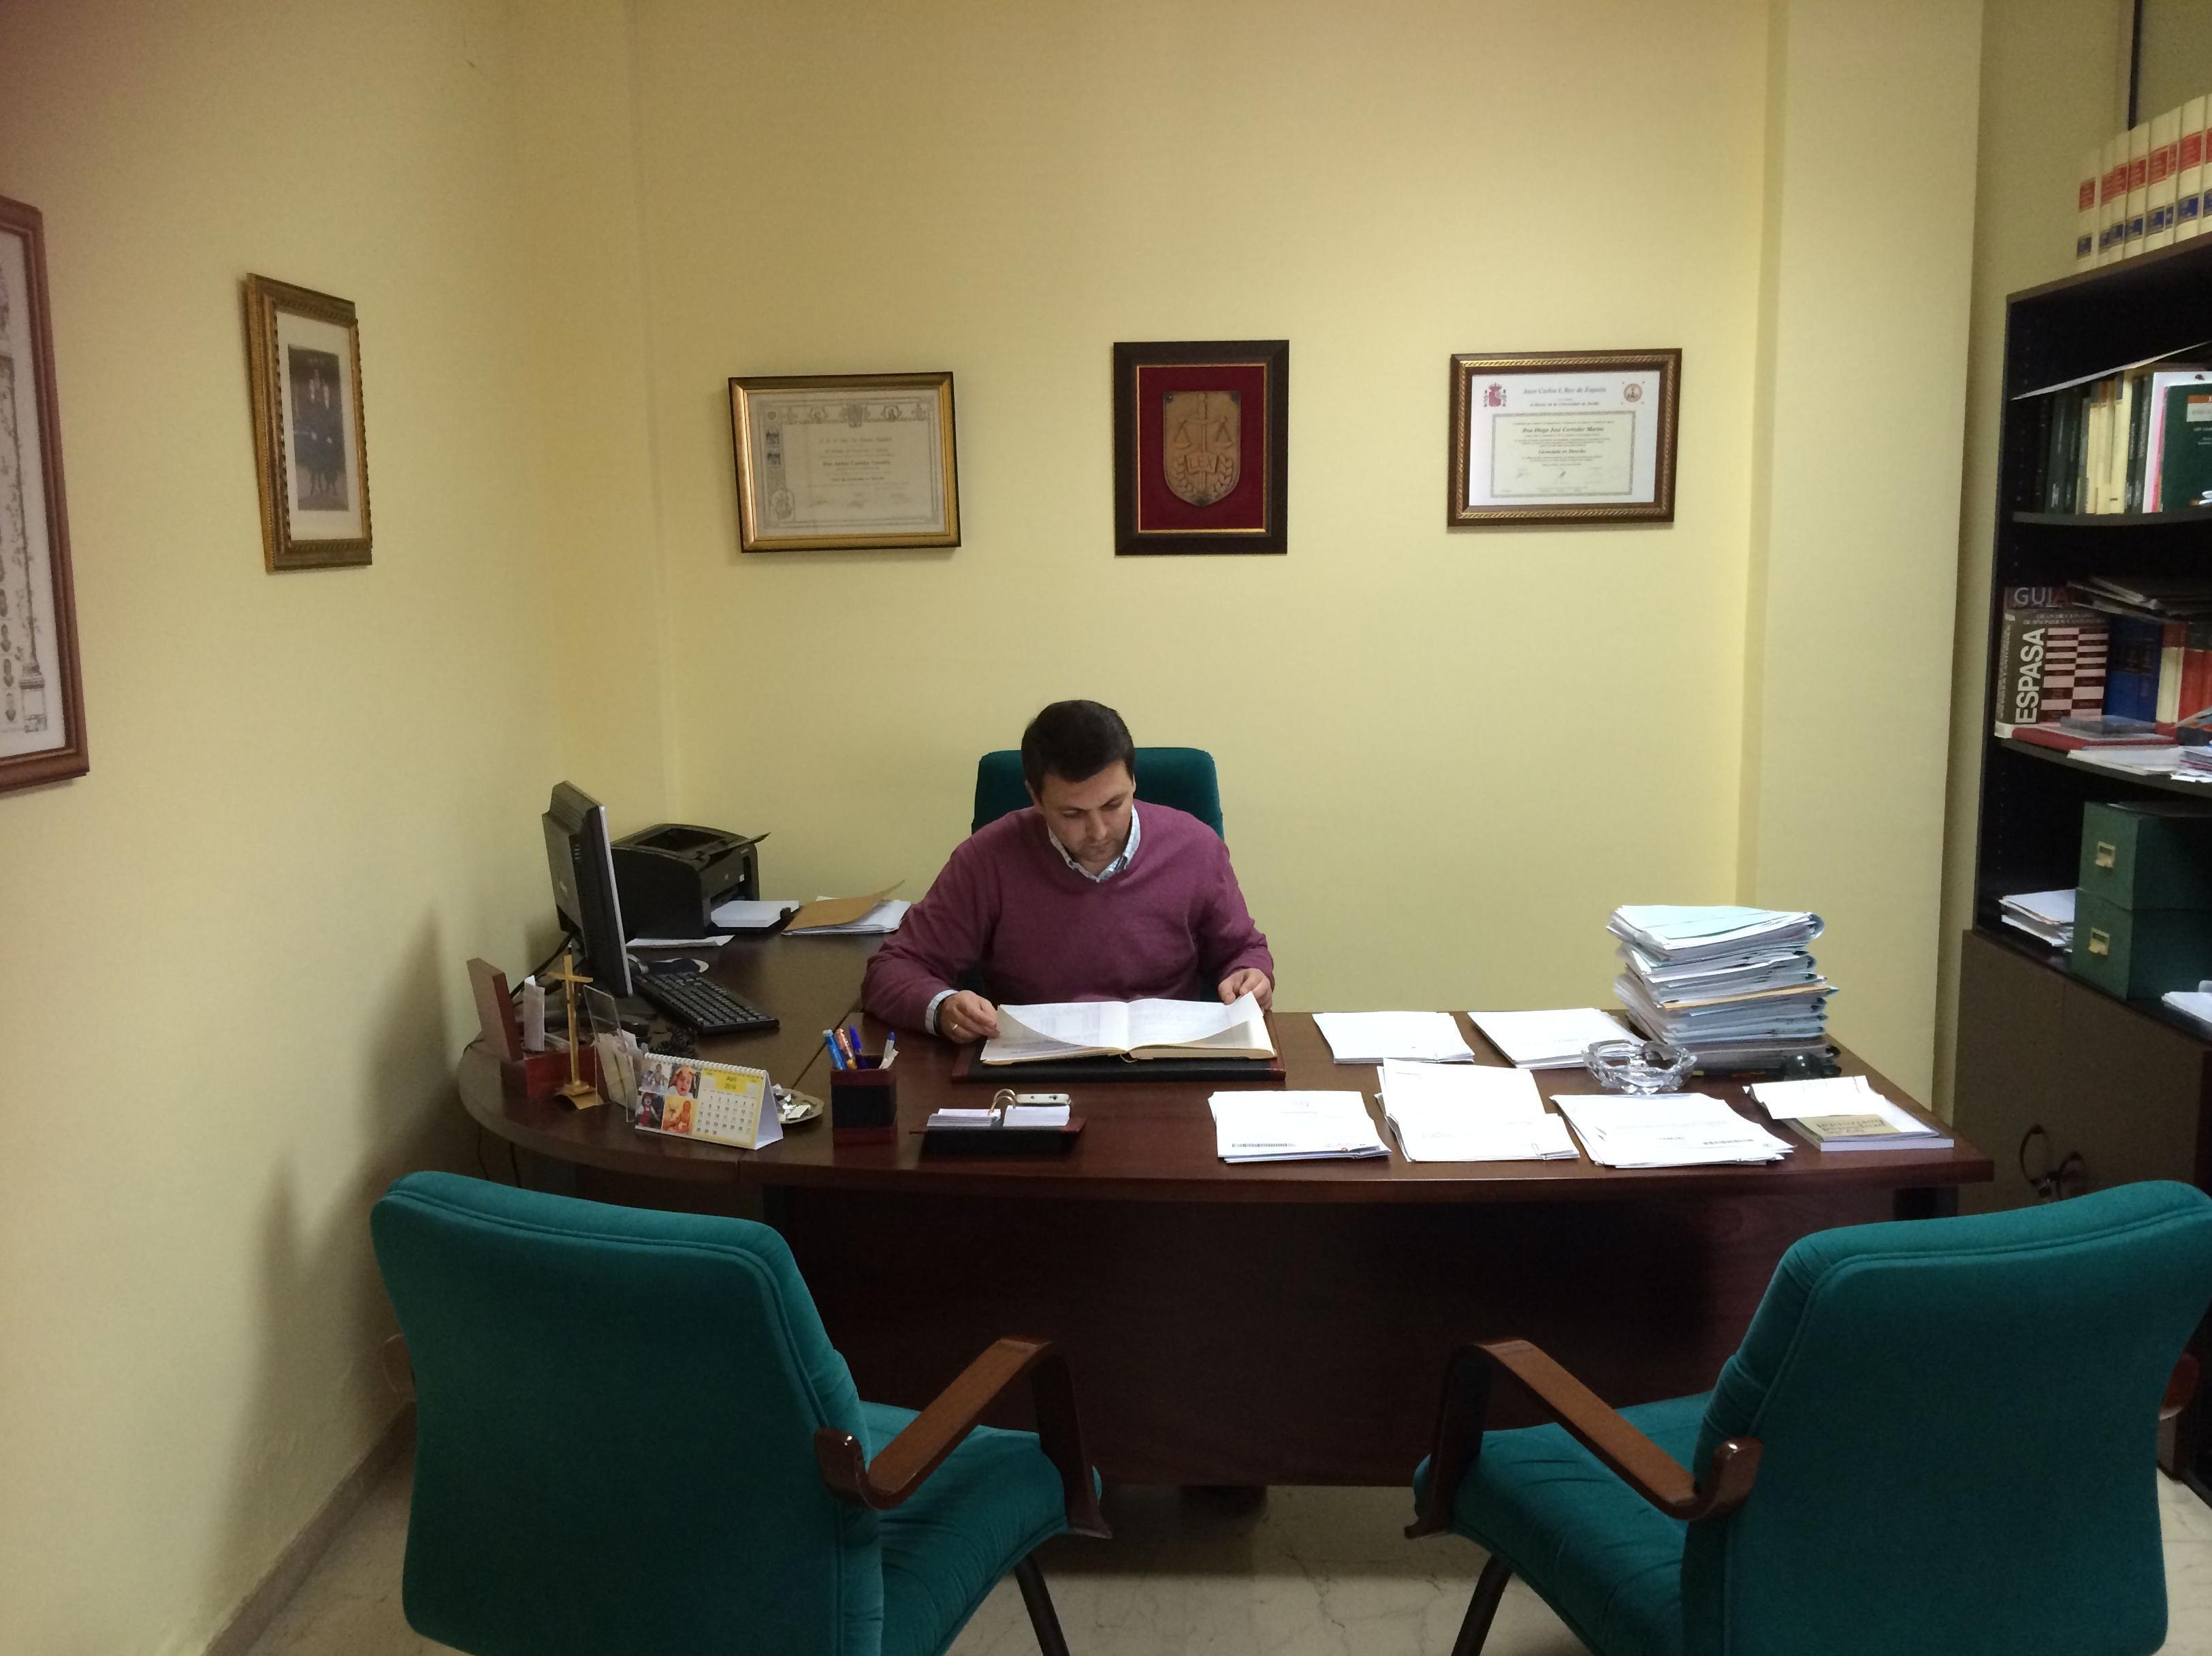 Foto 9 de Administración de fincas en Sevilla | CORREDOR MARTOS ASESORES, S.L